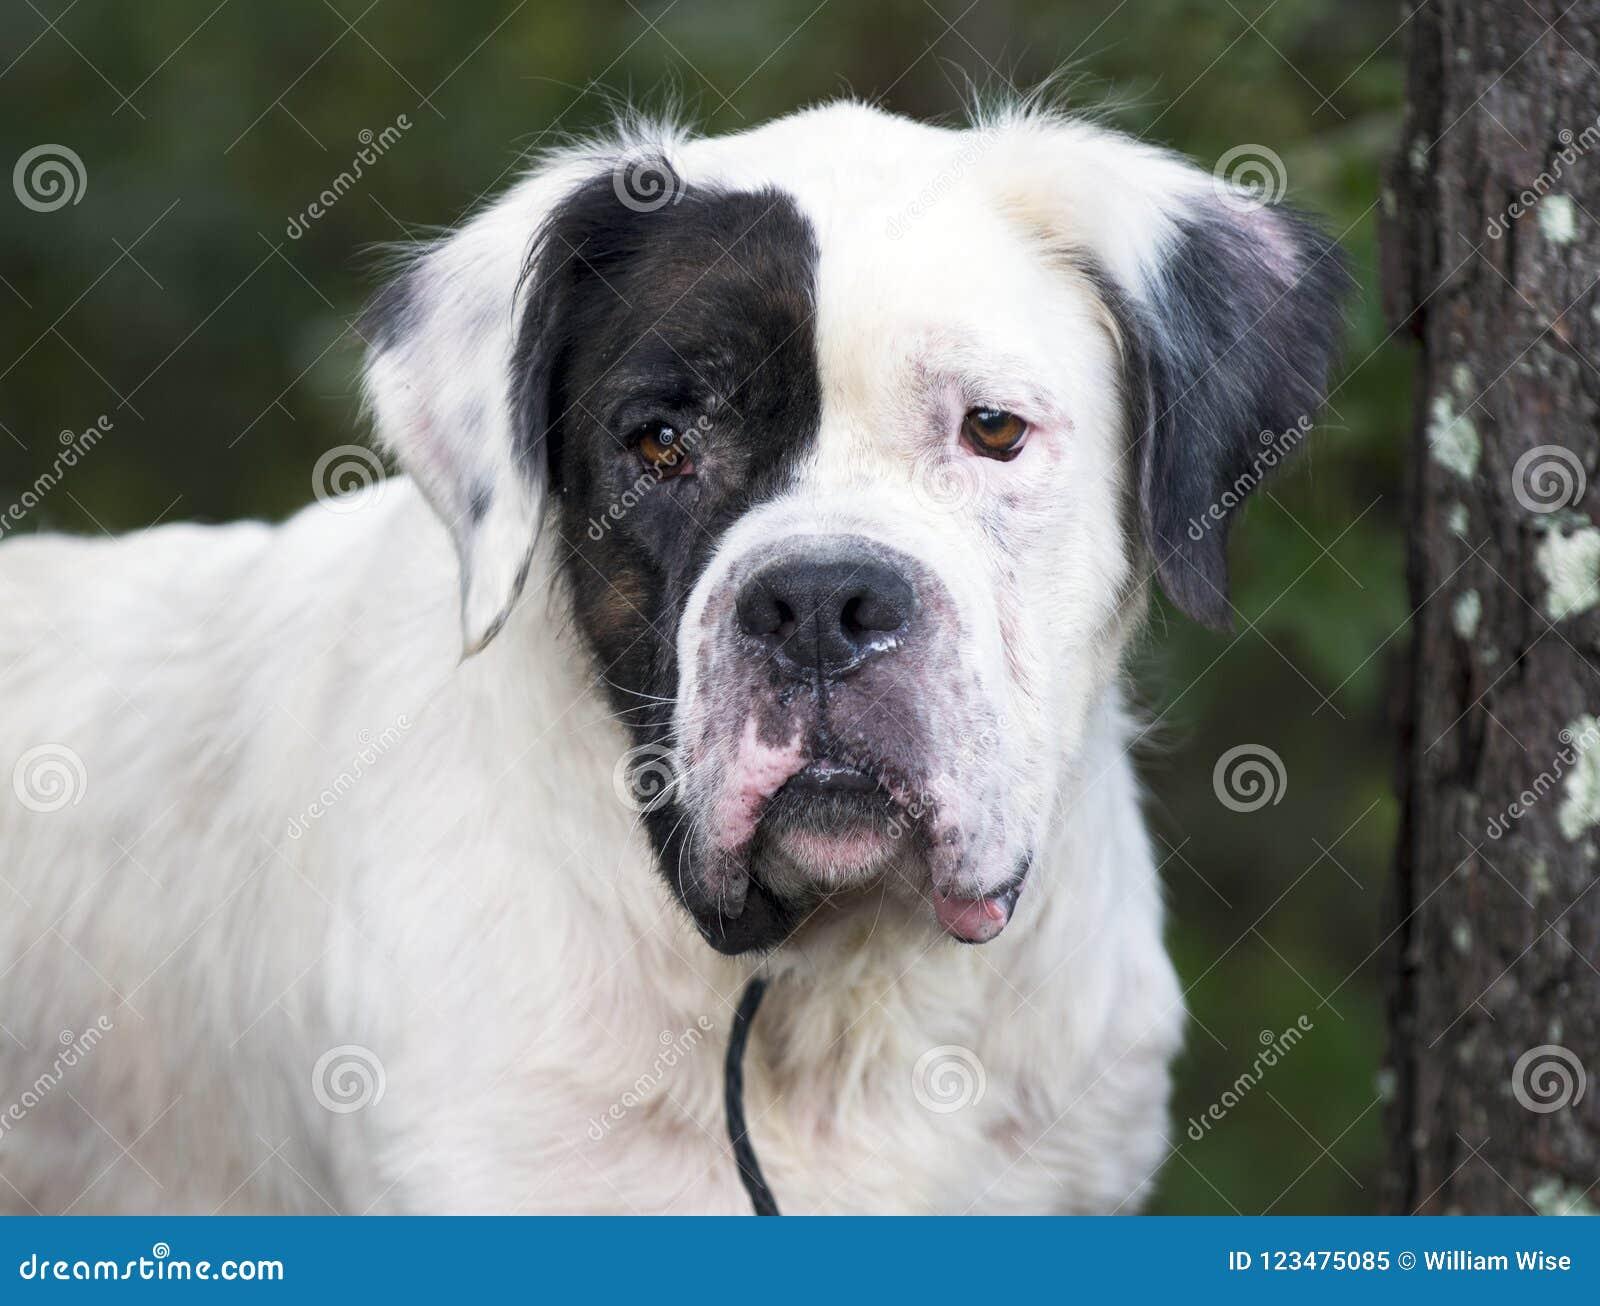 White Saint Bernard Mixed Breed Dog Stock Image - Image of